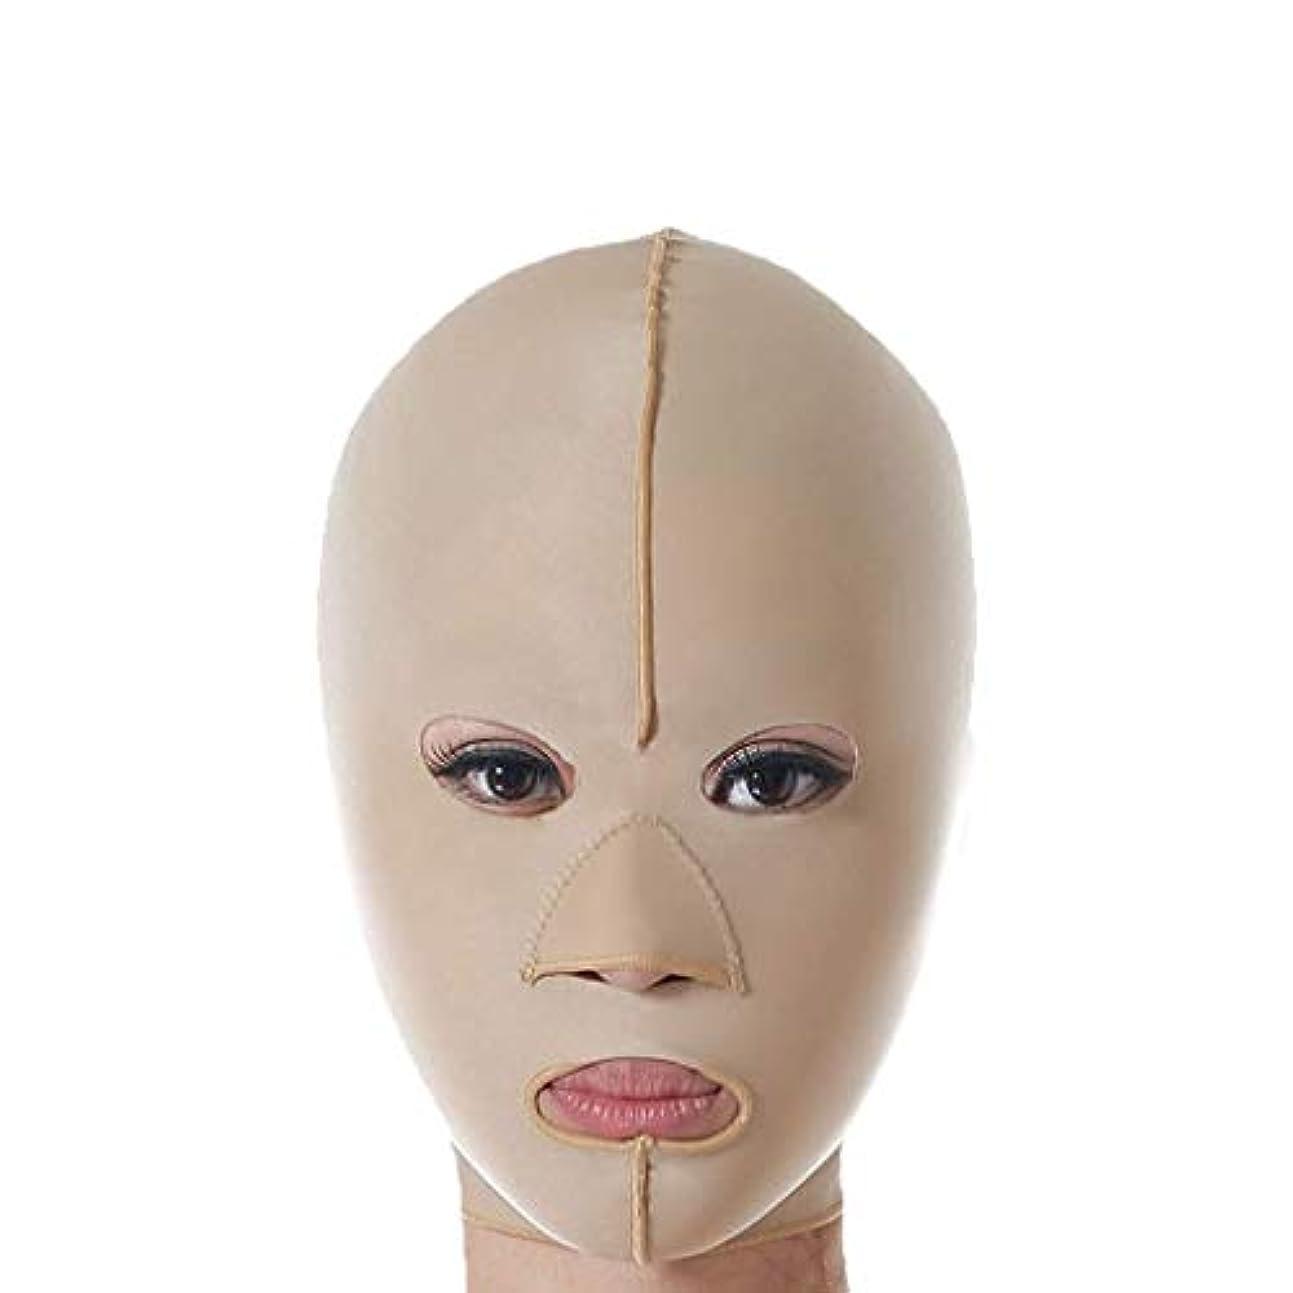 ボトル感情航空会社減量フェイスマスク、リフティング包帯、スリムフェイスリフトリフティングベルト、フェイシャル減量リフティング包帯、リフティングファーミング包帯(サイズ:XL),M